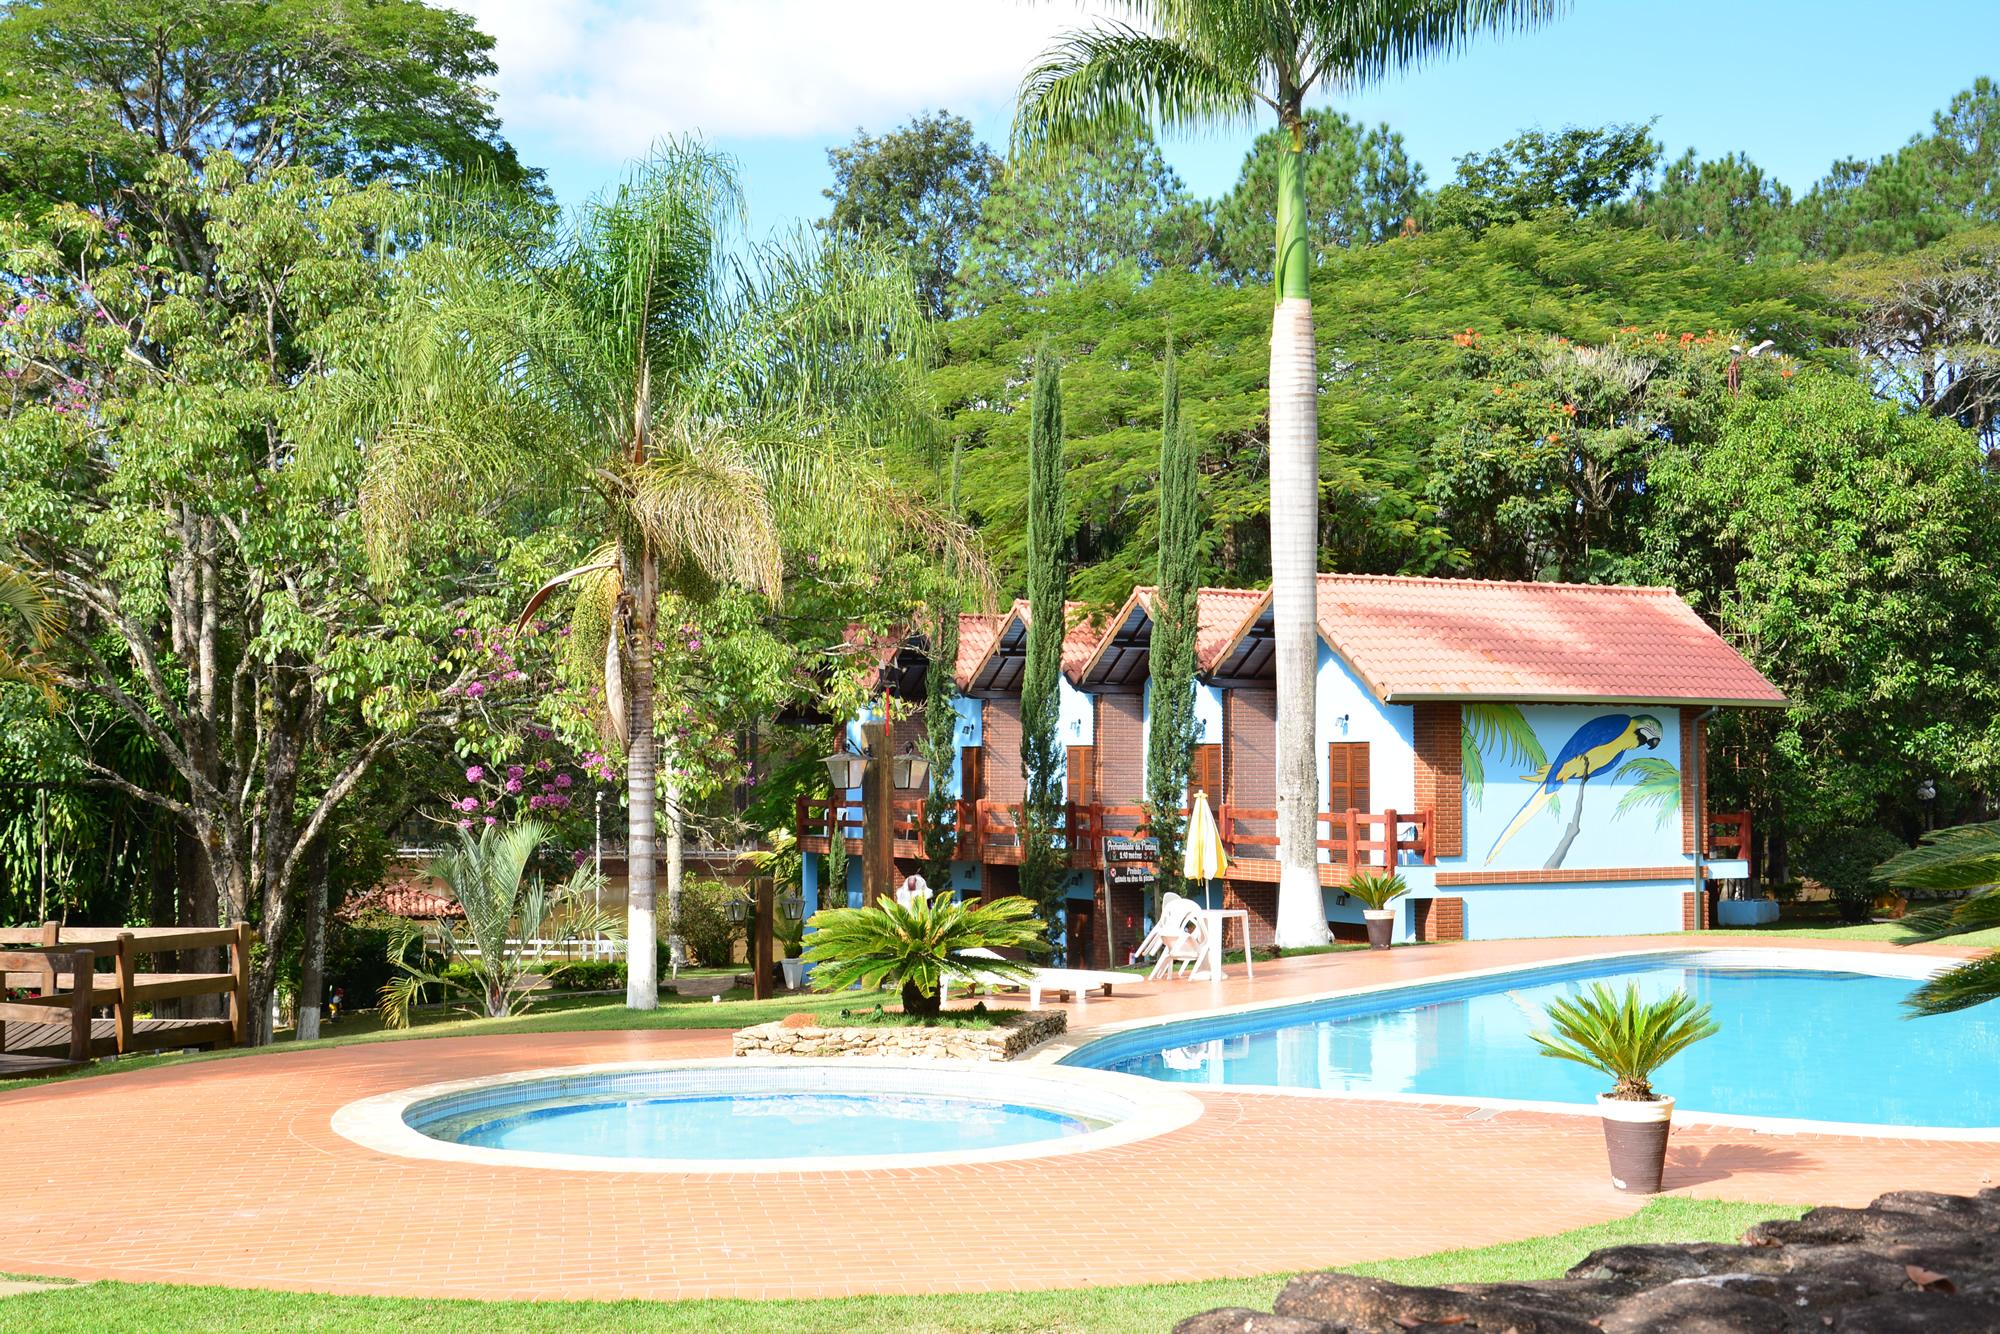 3 Dicas Incríveis de Lugares para passar férias em São Paulo e Relaxar